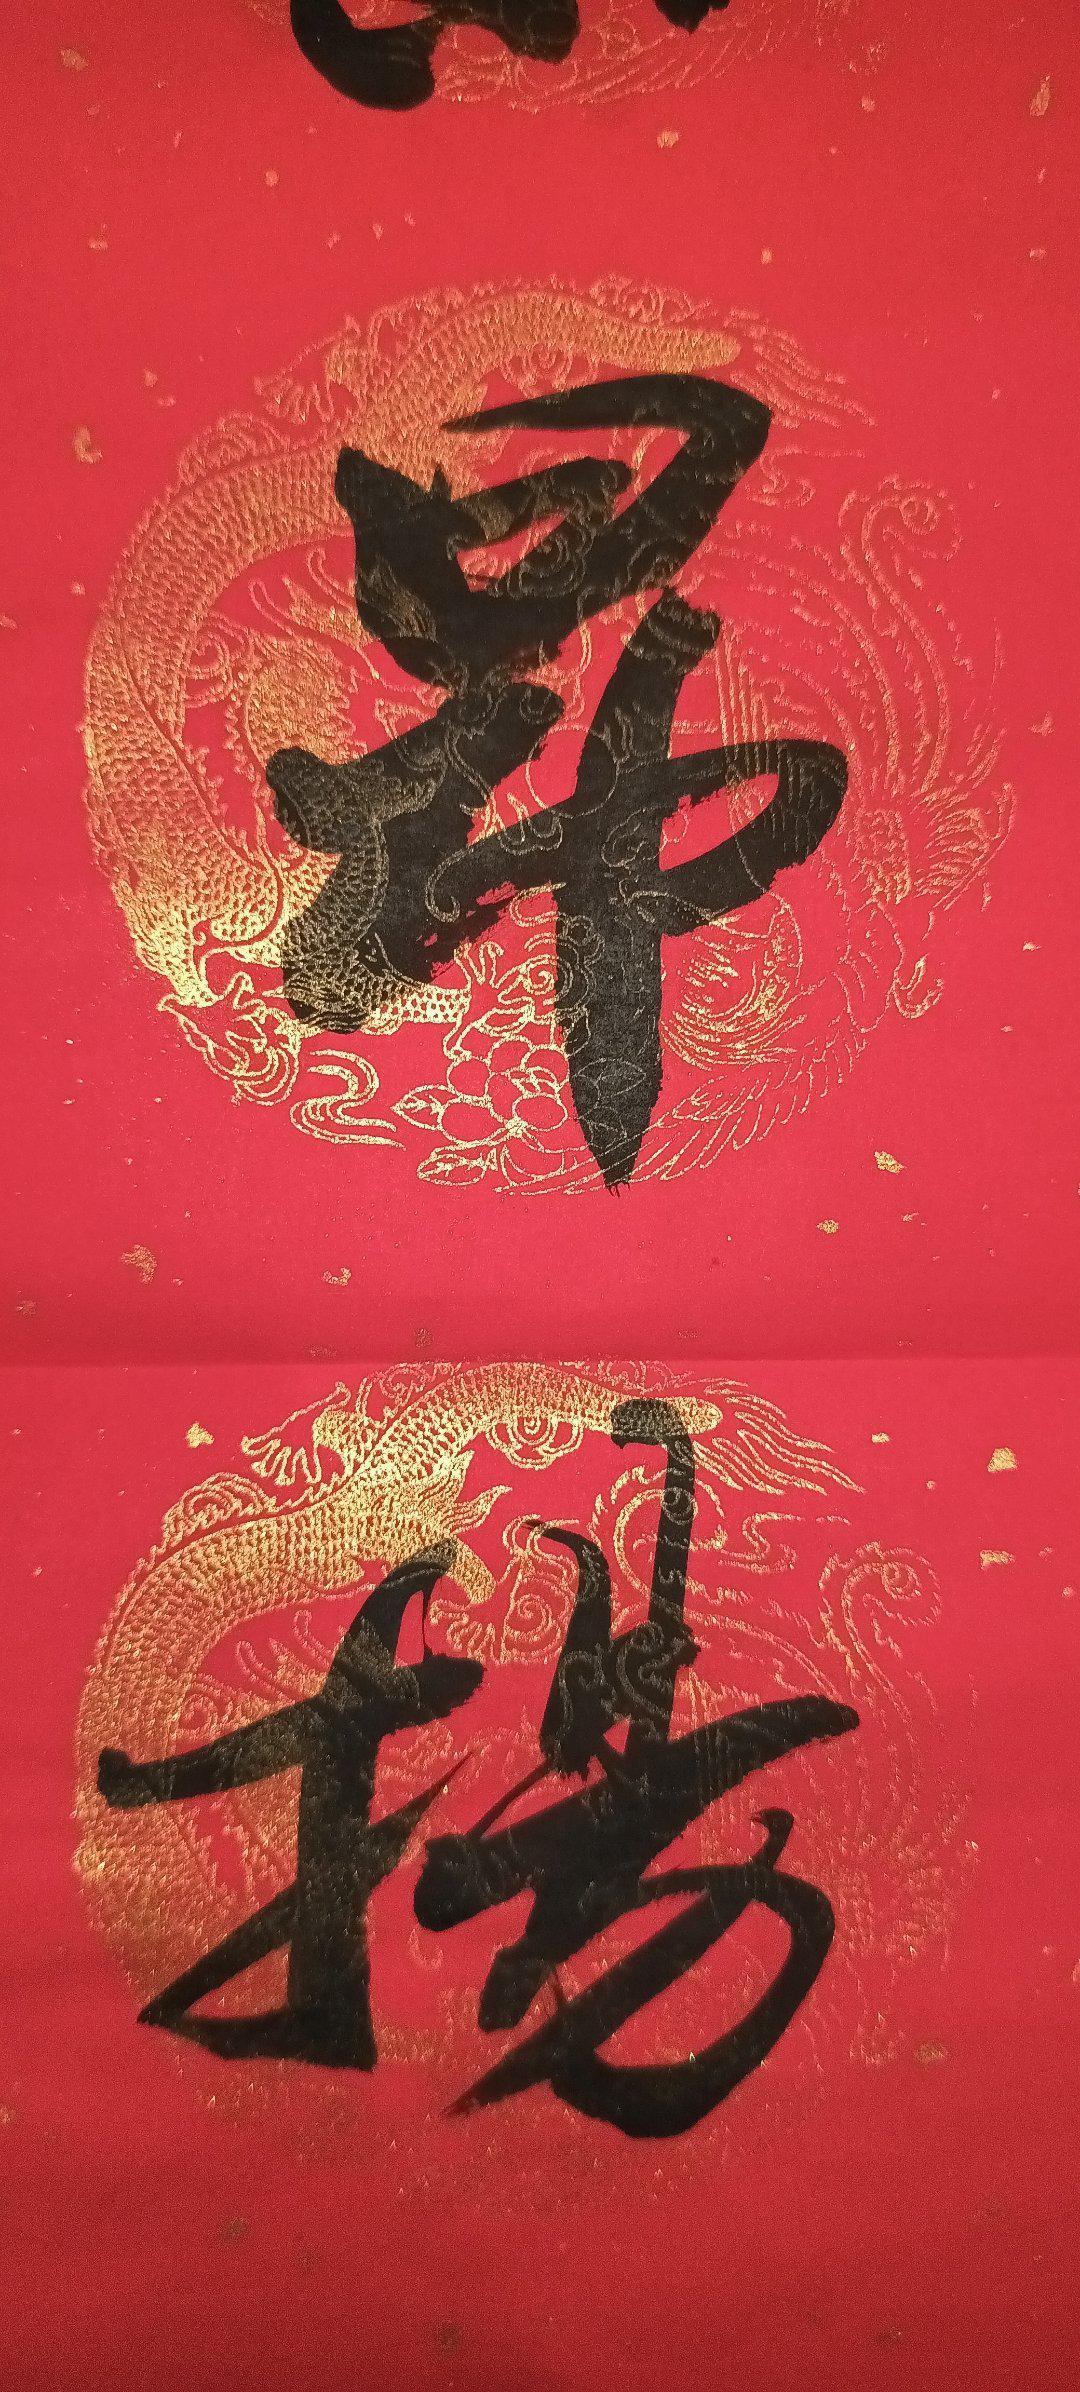 感恩千里之外@何春银微想 老师从江苏邮寄过来的对联:欢度新年……